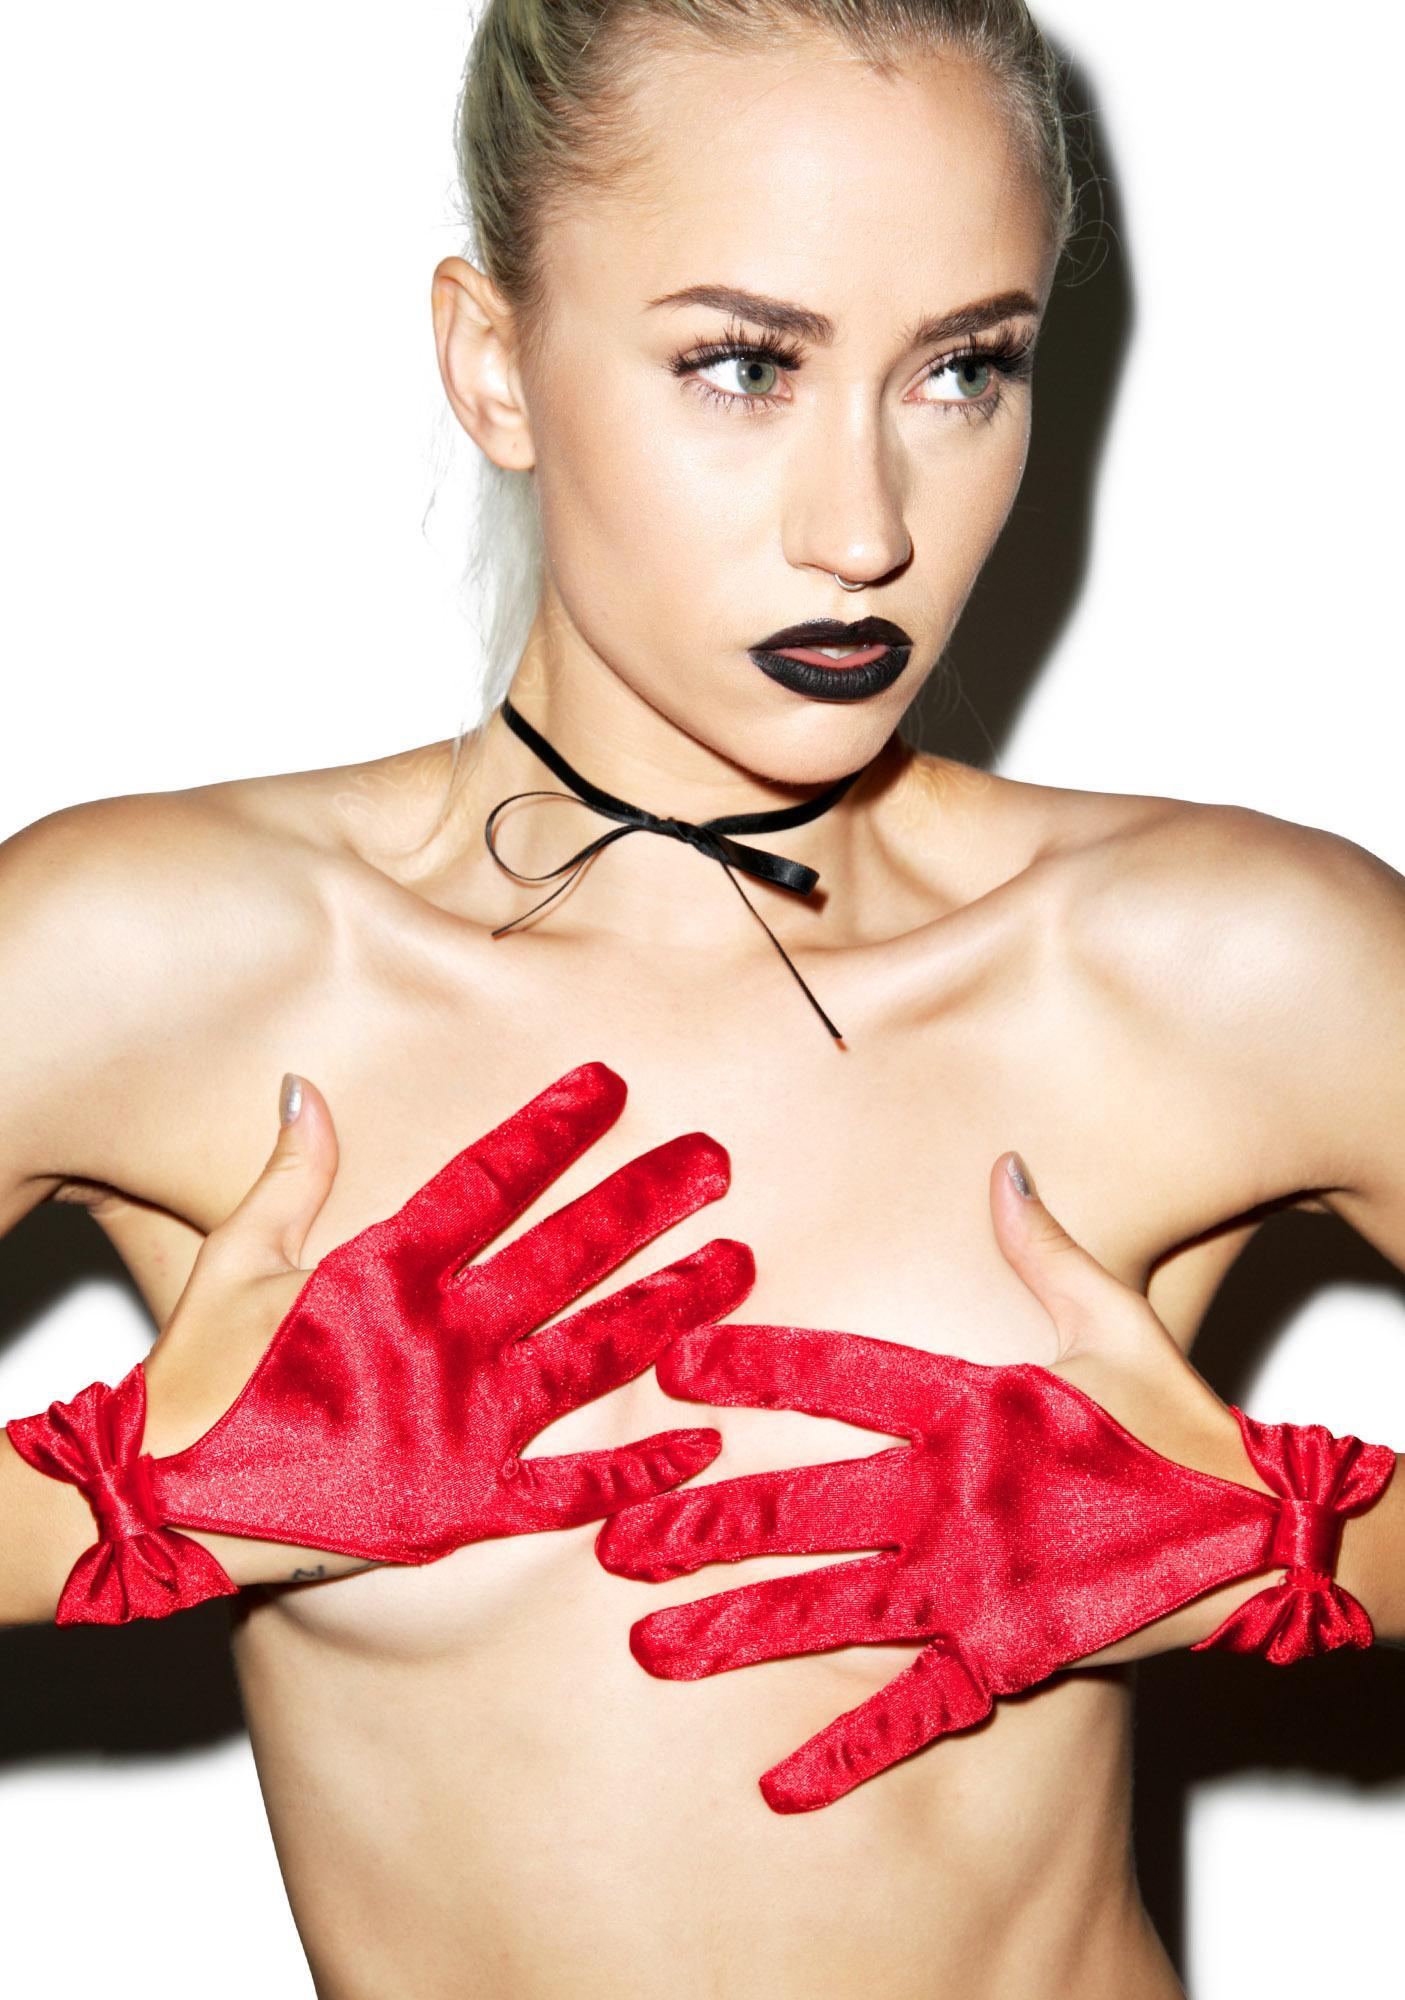 Cut-Throat Cut Out Gloves